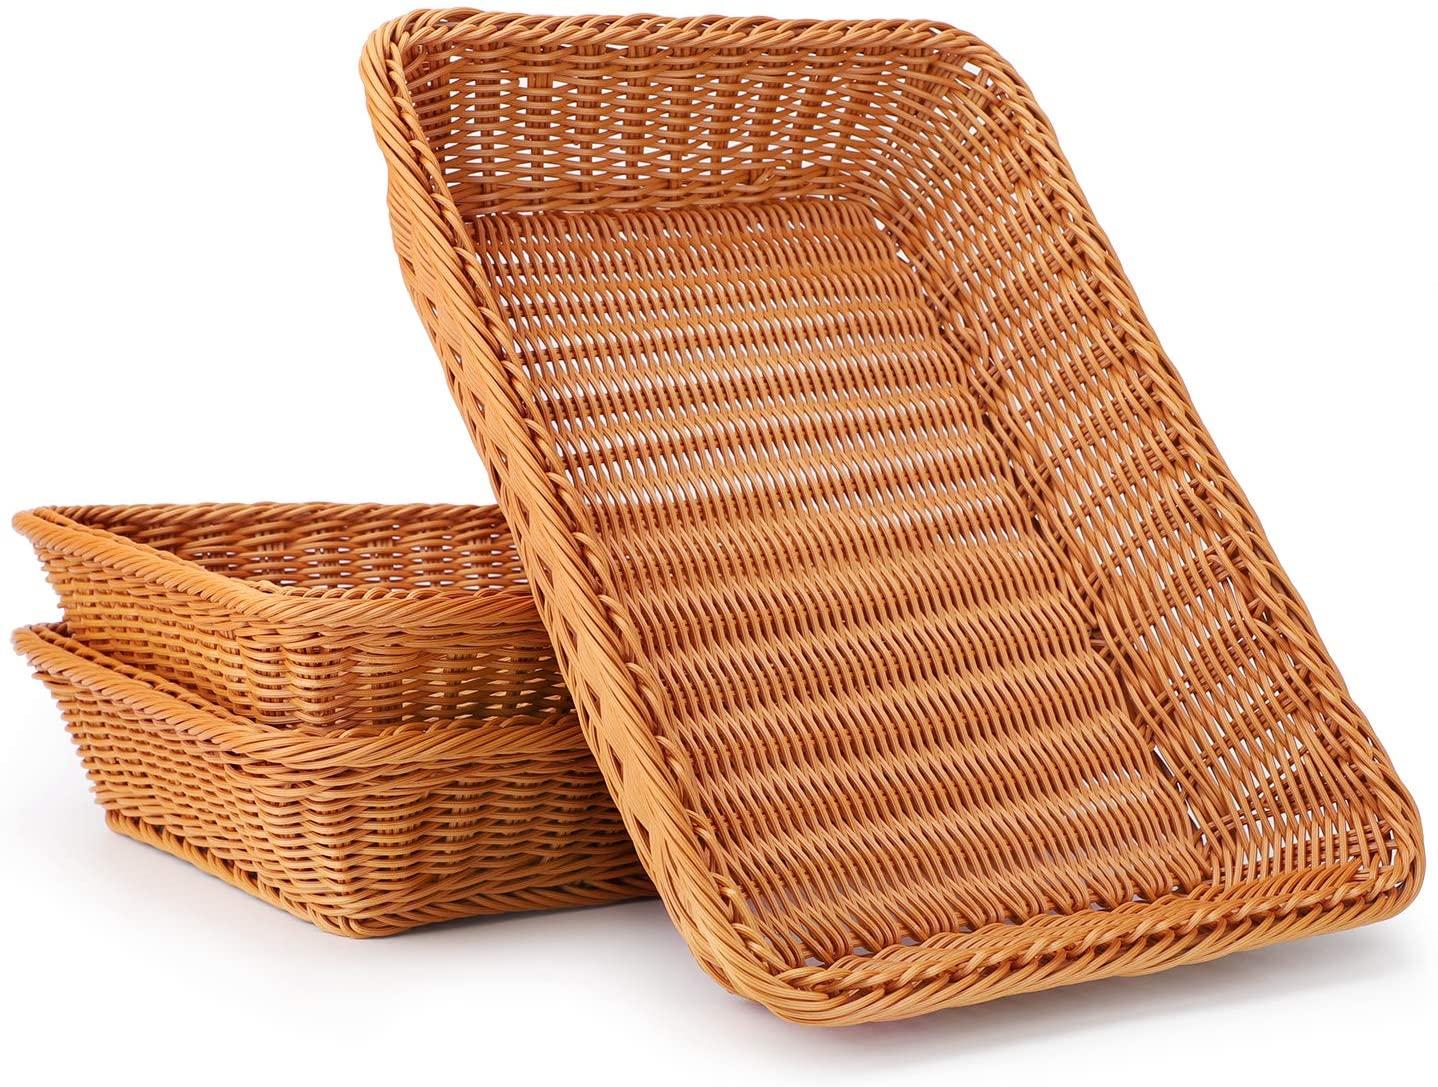 Poly-Wicker Bread Basket, Eusoar 3 Pack 15.8